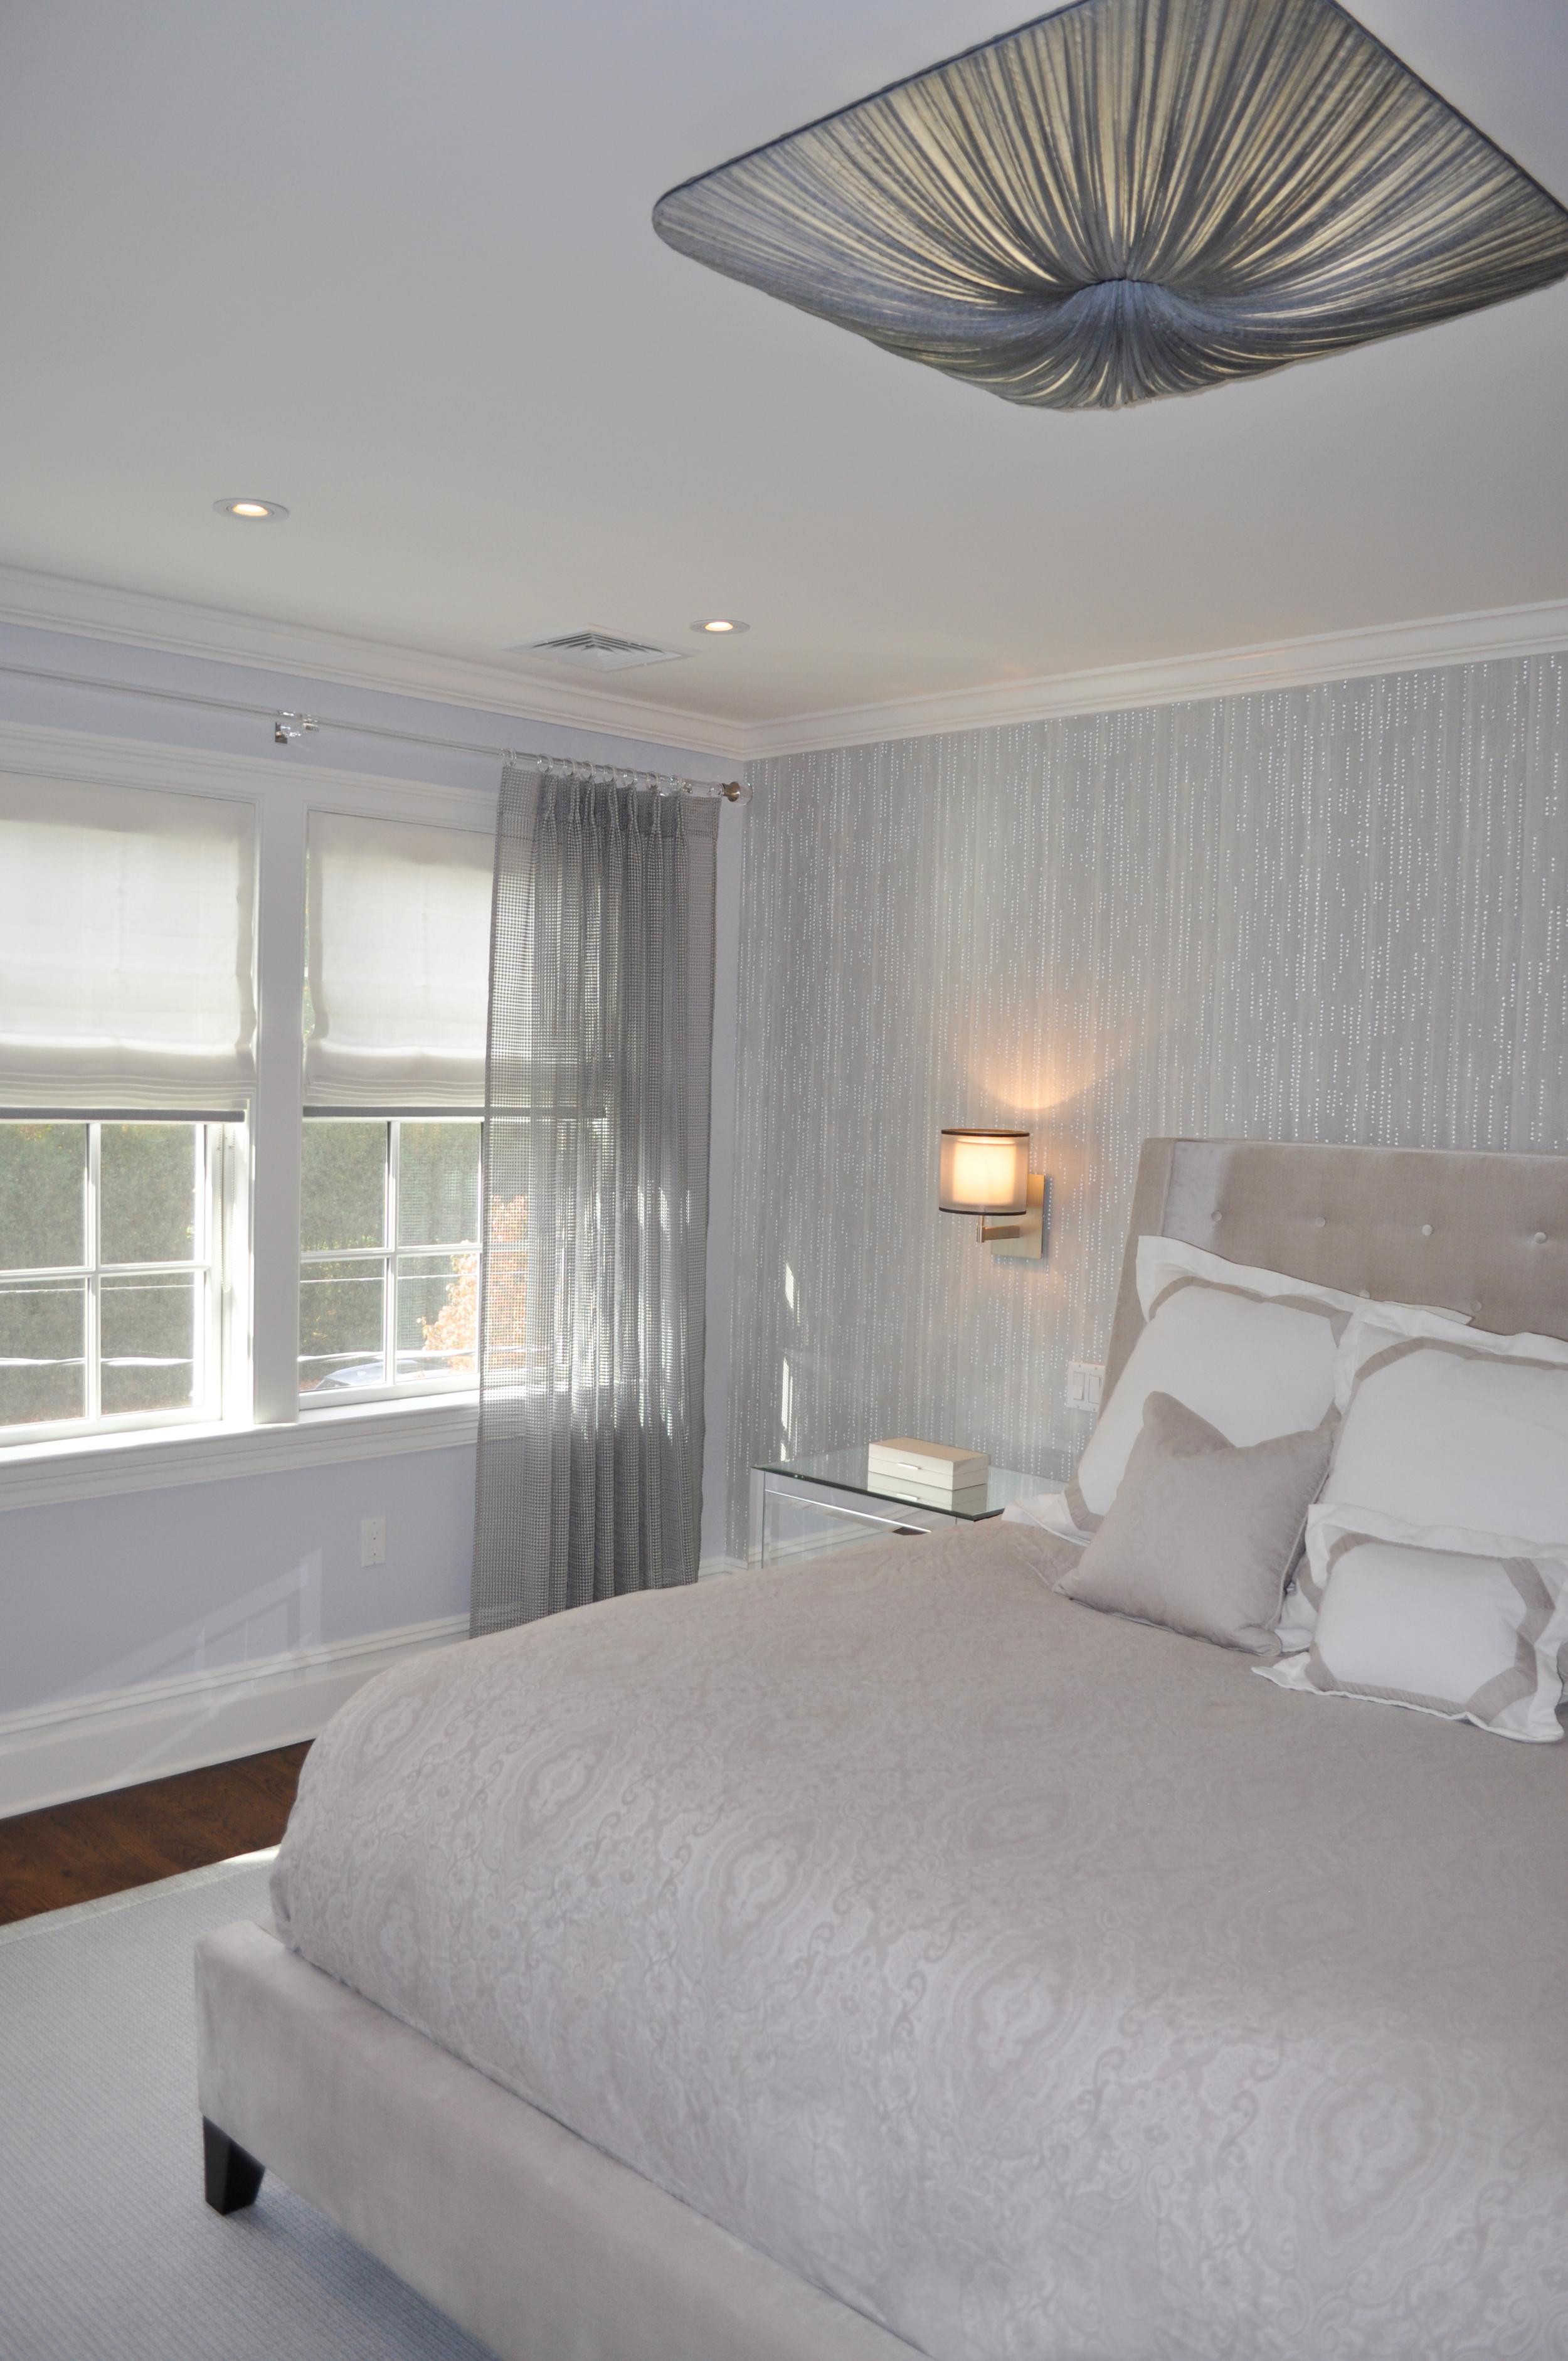 Master Bedroom_Designer Bedroom_Interior decoration_Bedroom Lighting_Aqua Gallery Nara Ceiling Light_KAM DESIGN.jpg